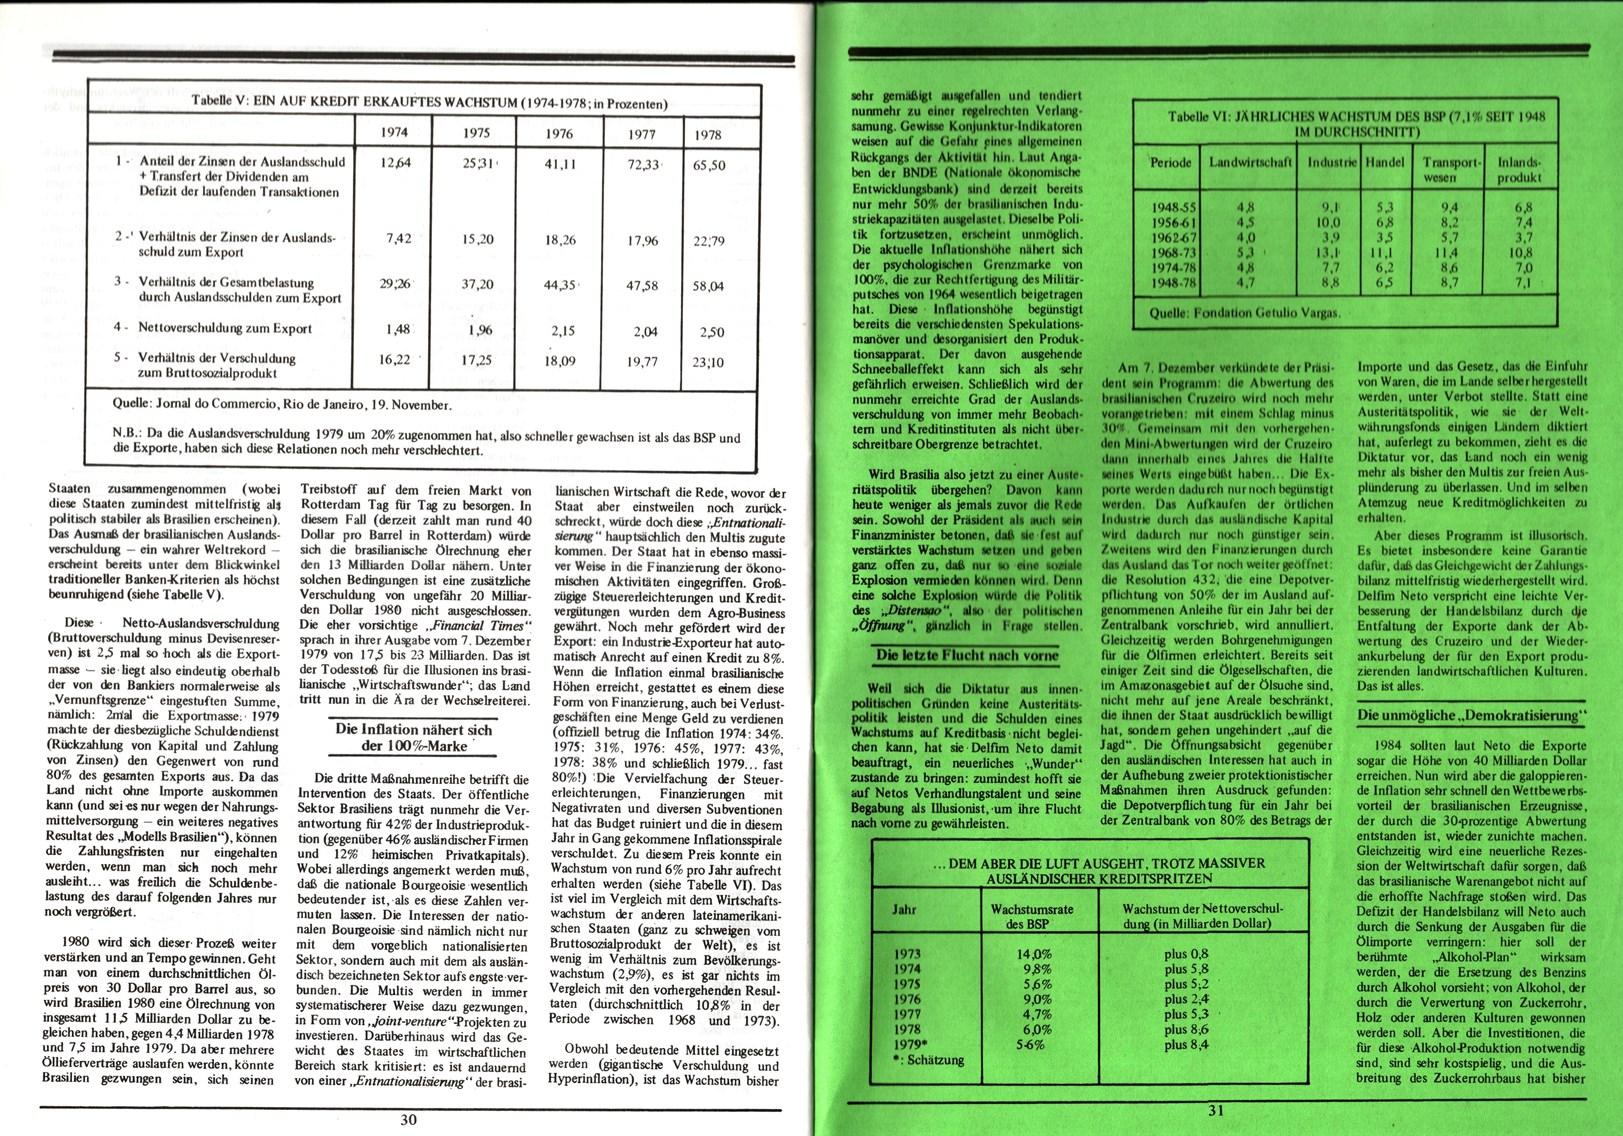 Inprekorr_19800131_118_016